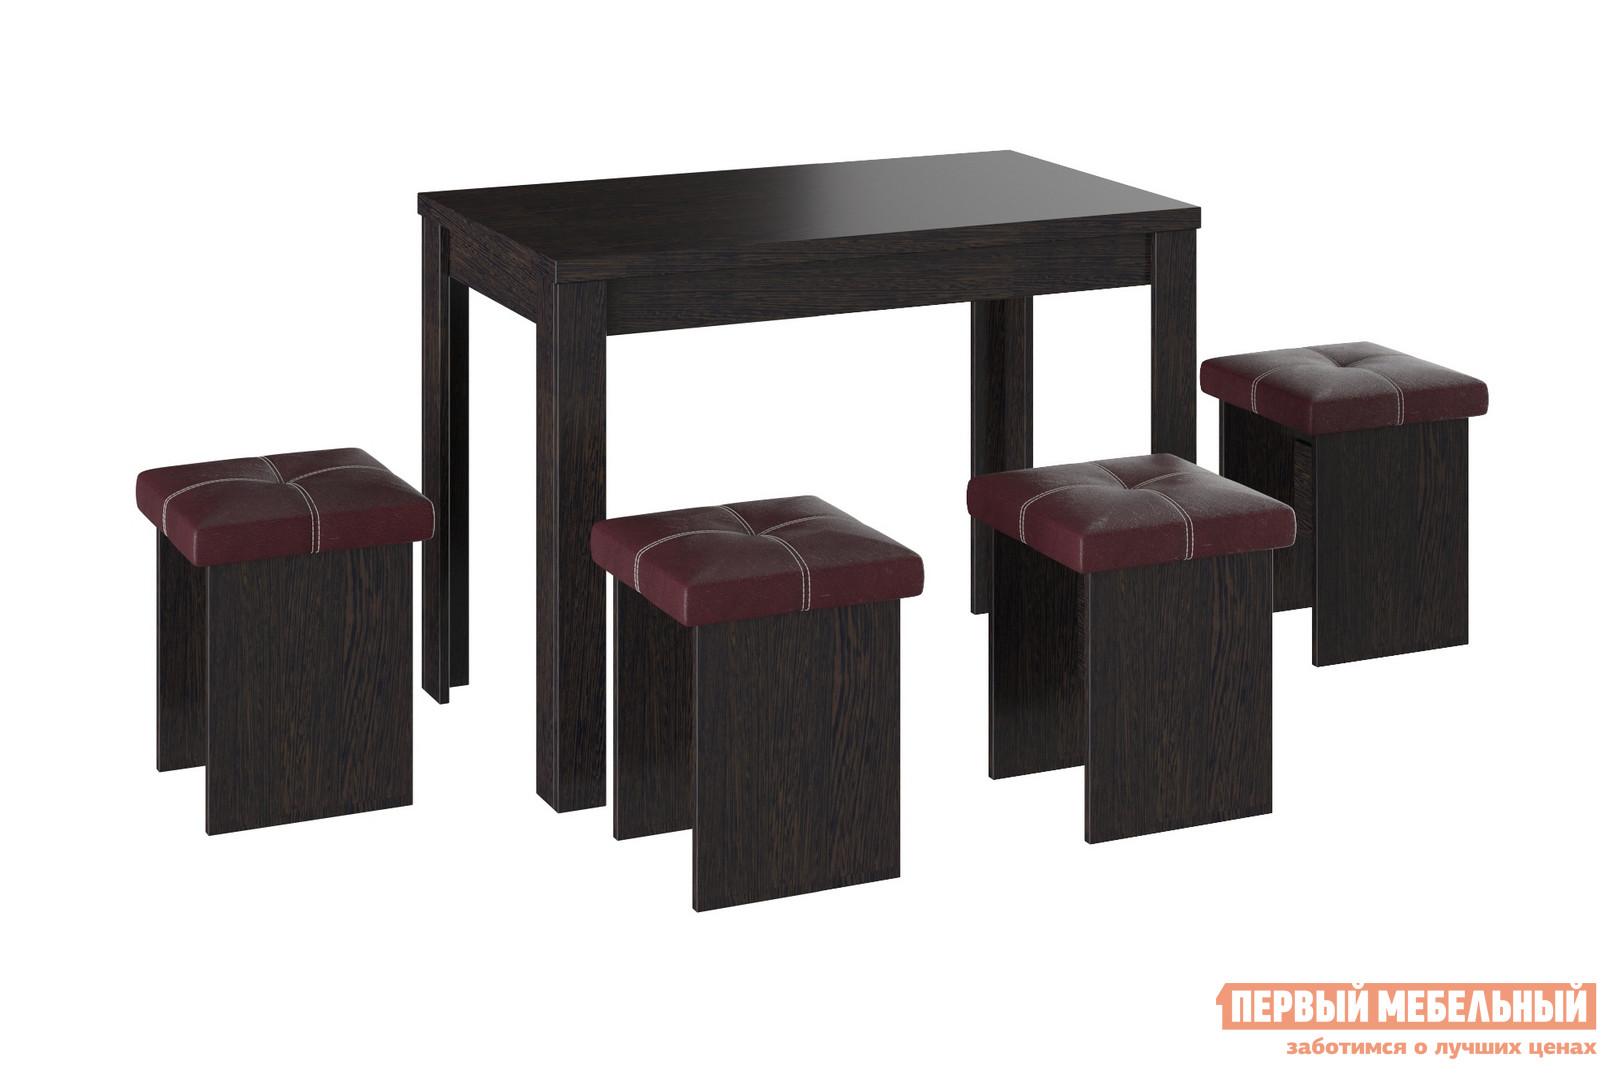 Обеденная группа Первый Мебельный Обеденная группа Рум 5 цена